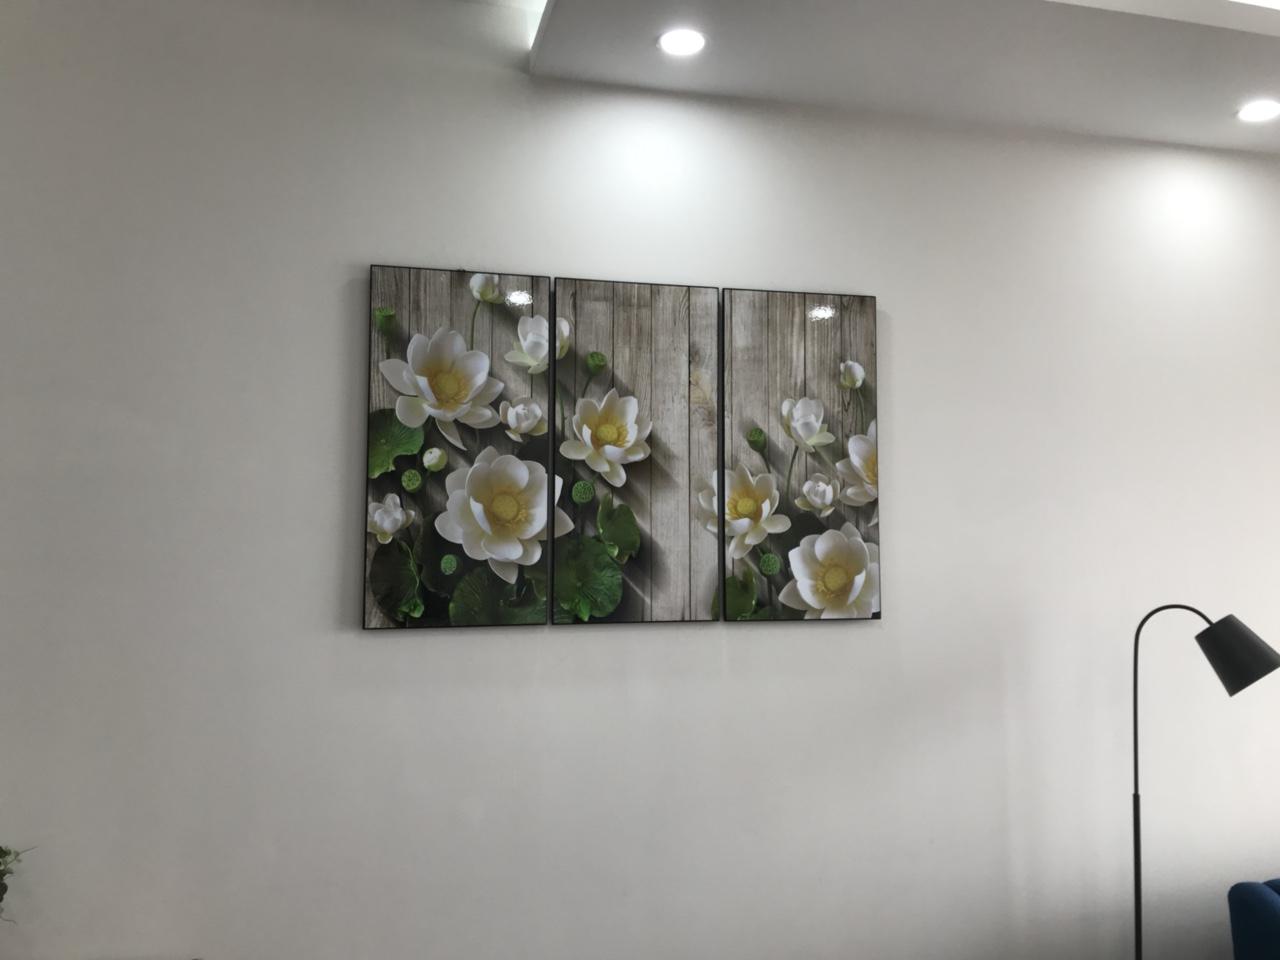 Tranh sen hợp trang trí trên nền tường trắng hoặc ghi xám